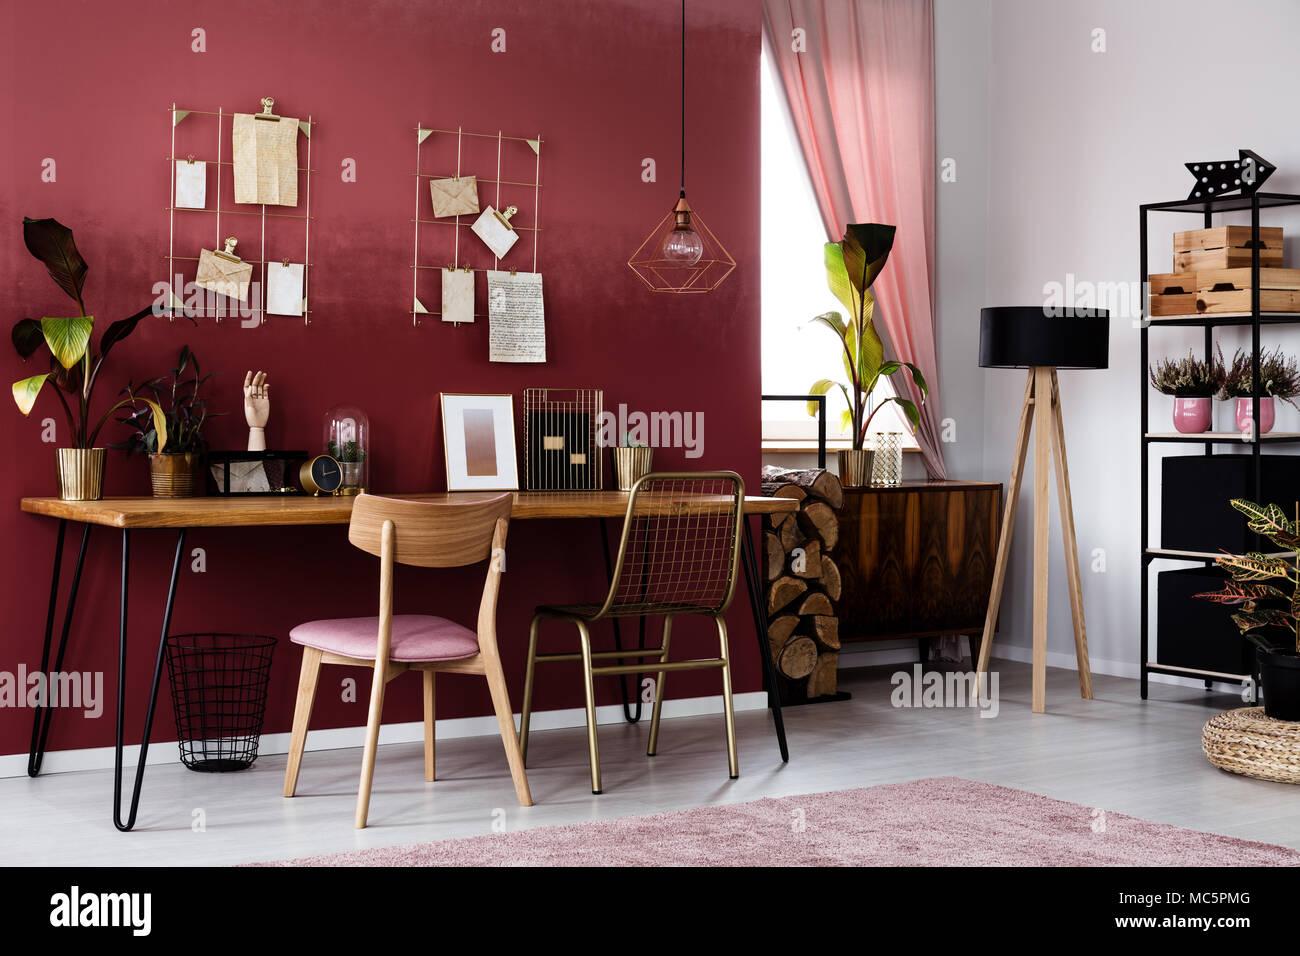 Lampe en bois et des plantes en rouge foncé home office interior avec chaise à 24 avec poster Photo Stock